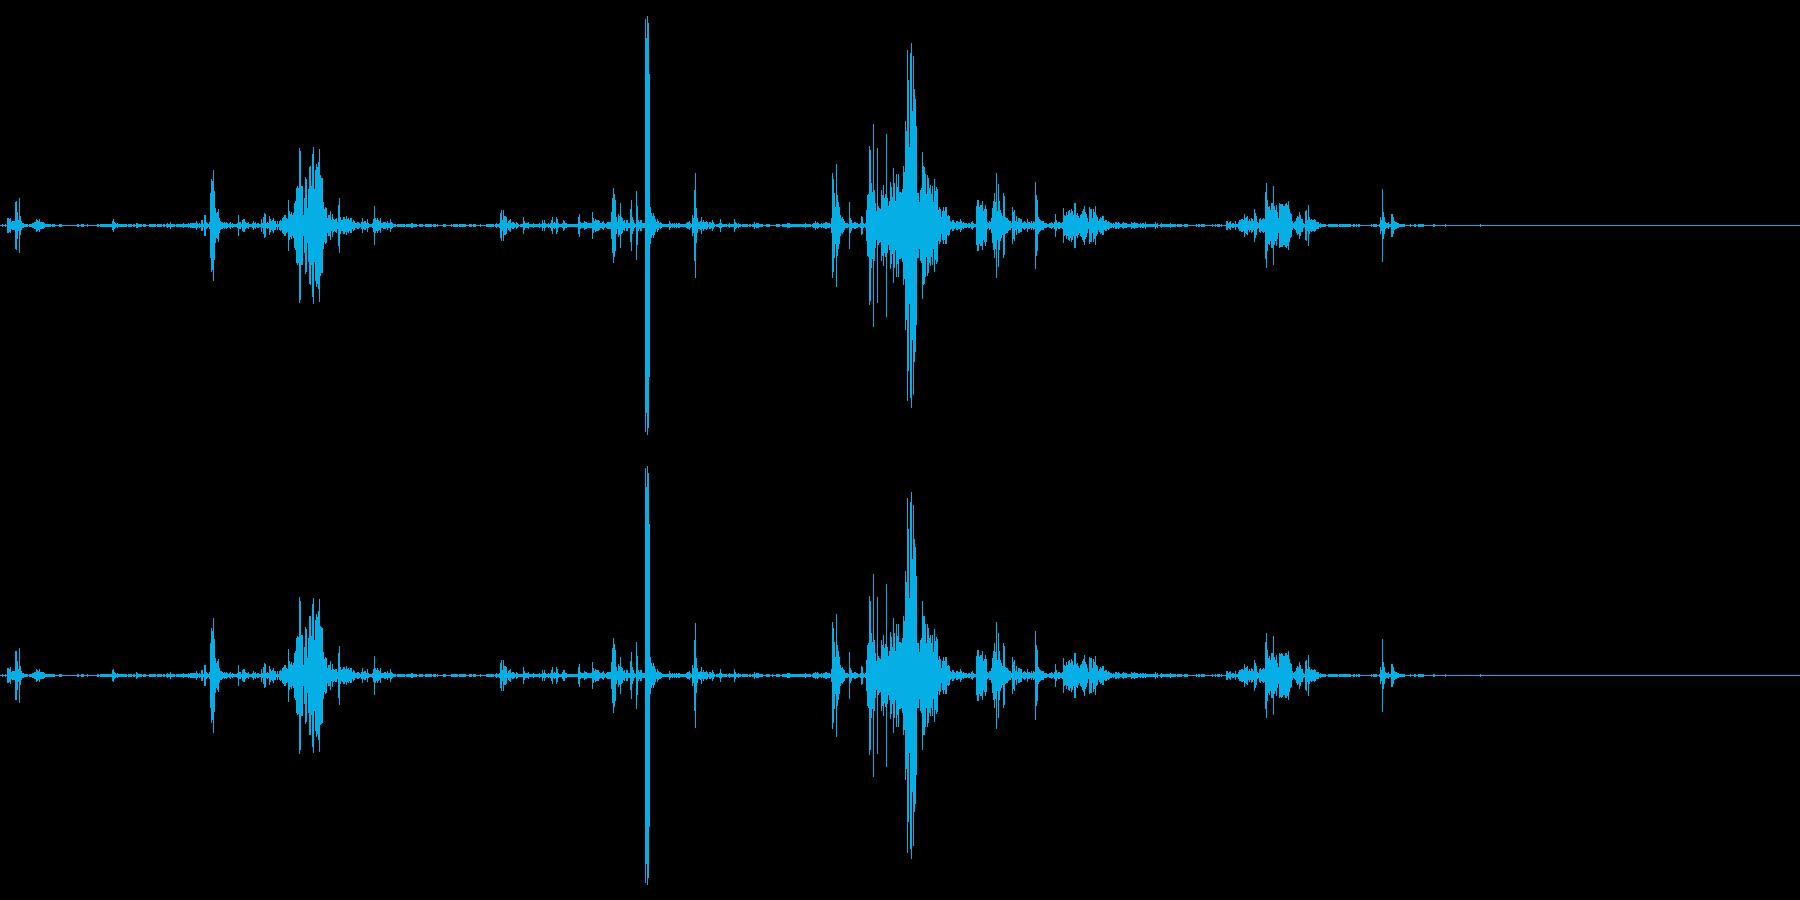 ズルリと何かが落ちる音の再生済みの波形